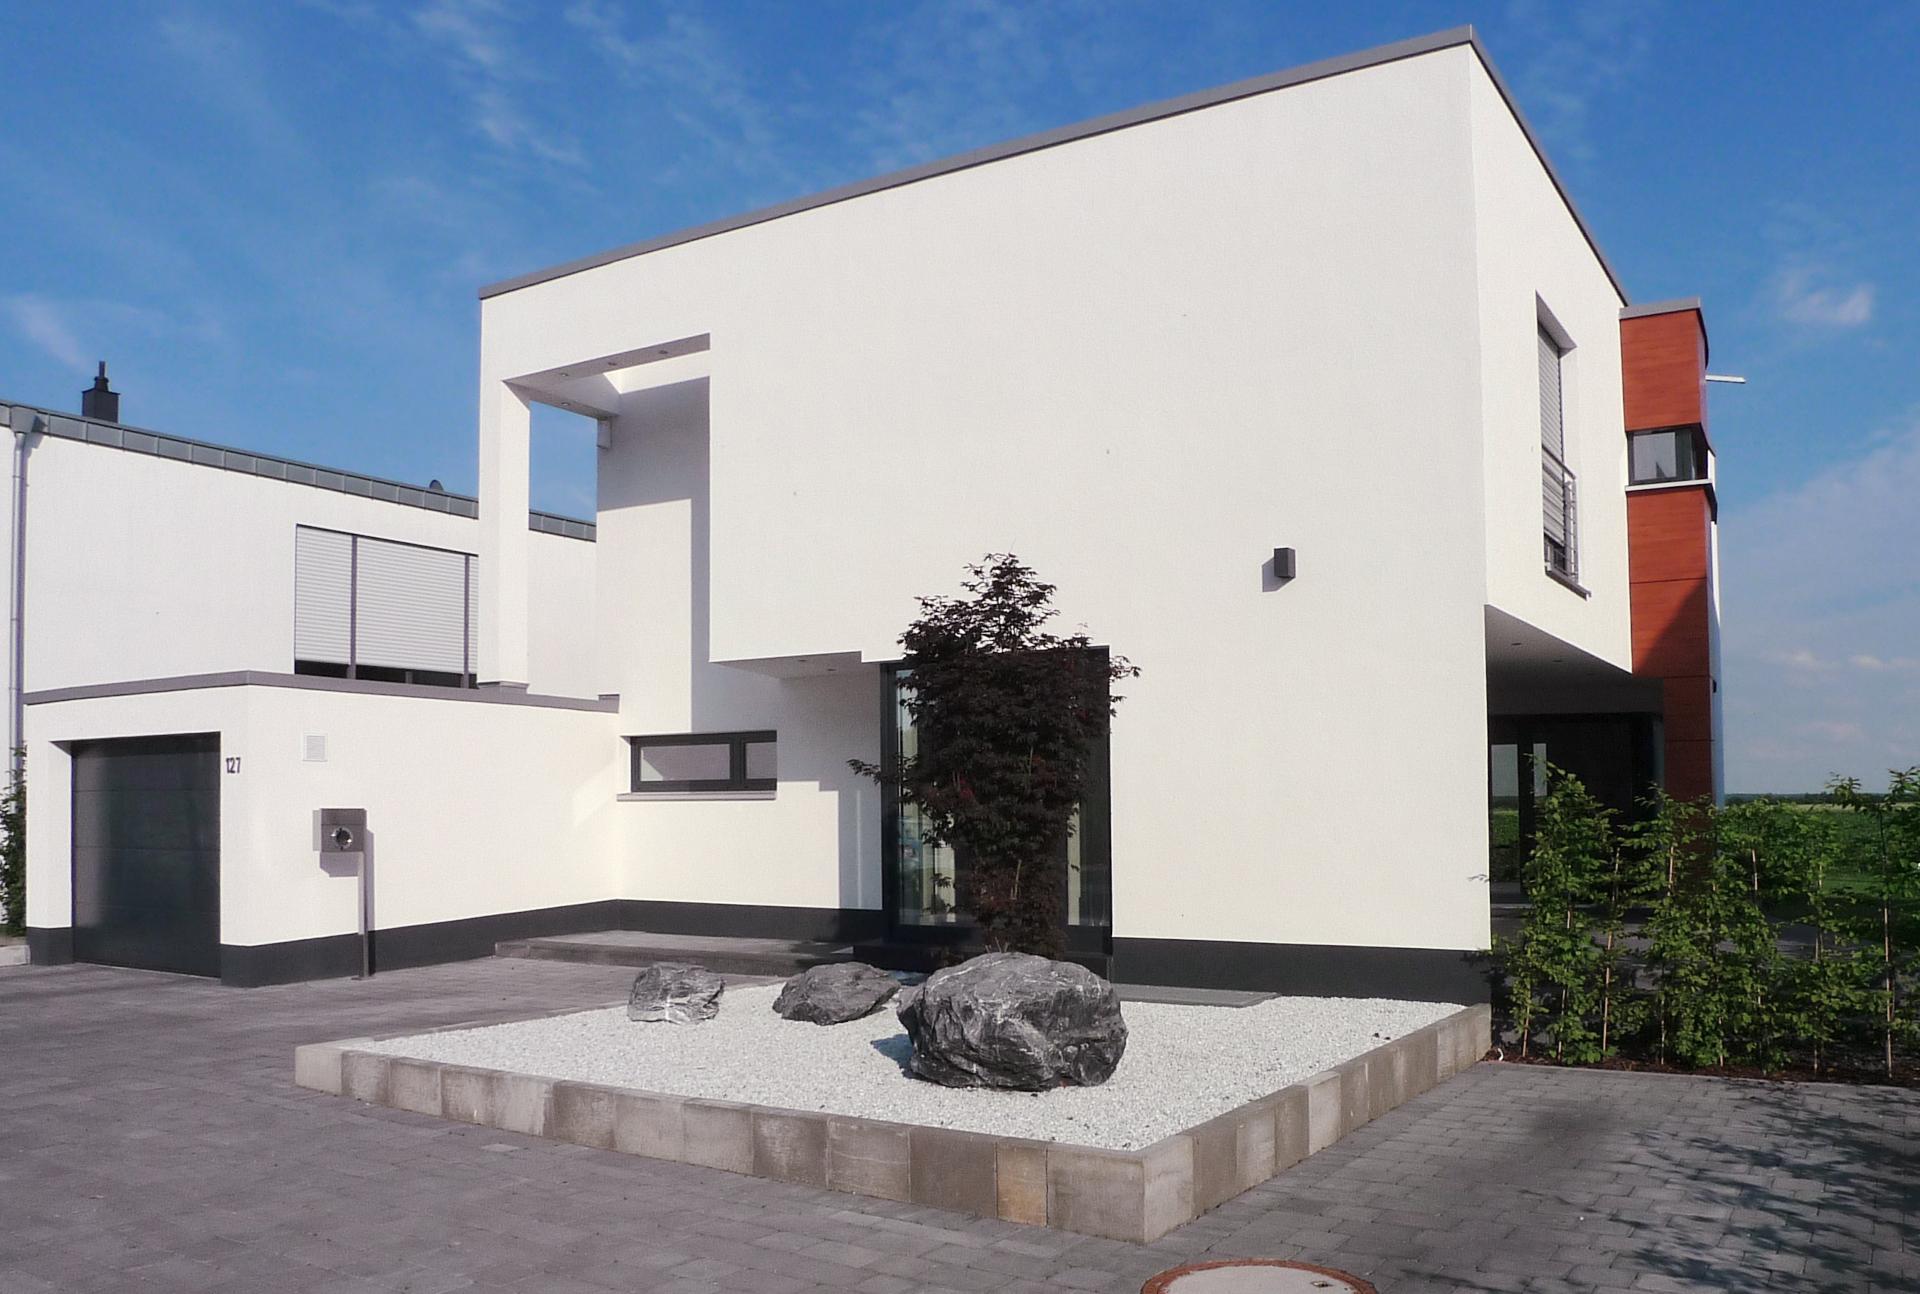 Einfamilienhaus Kubus-Seitenansicht